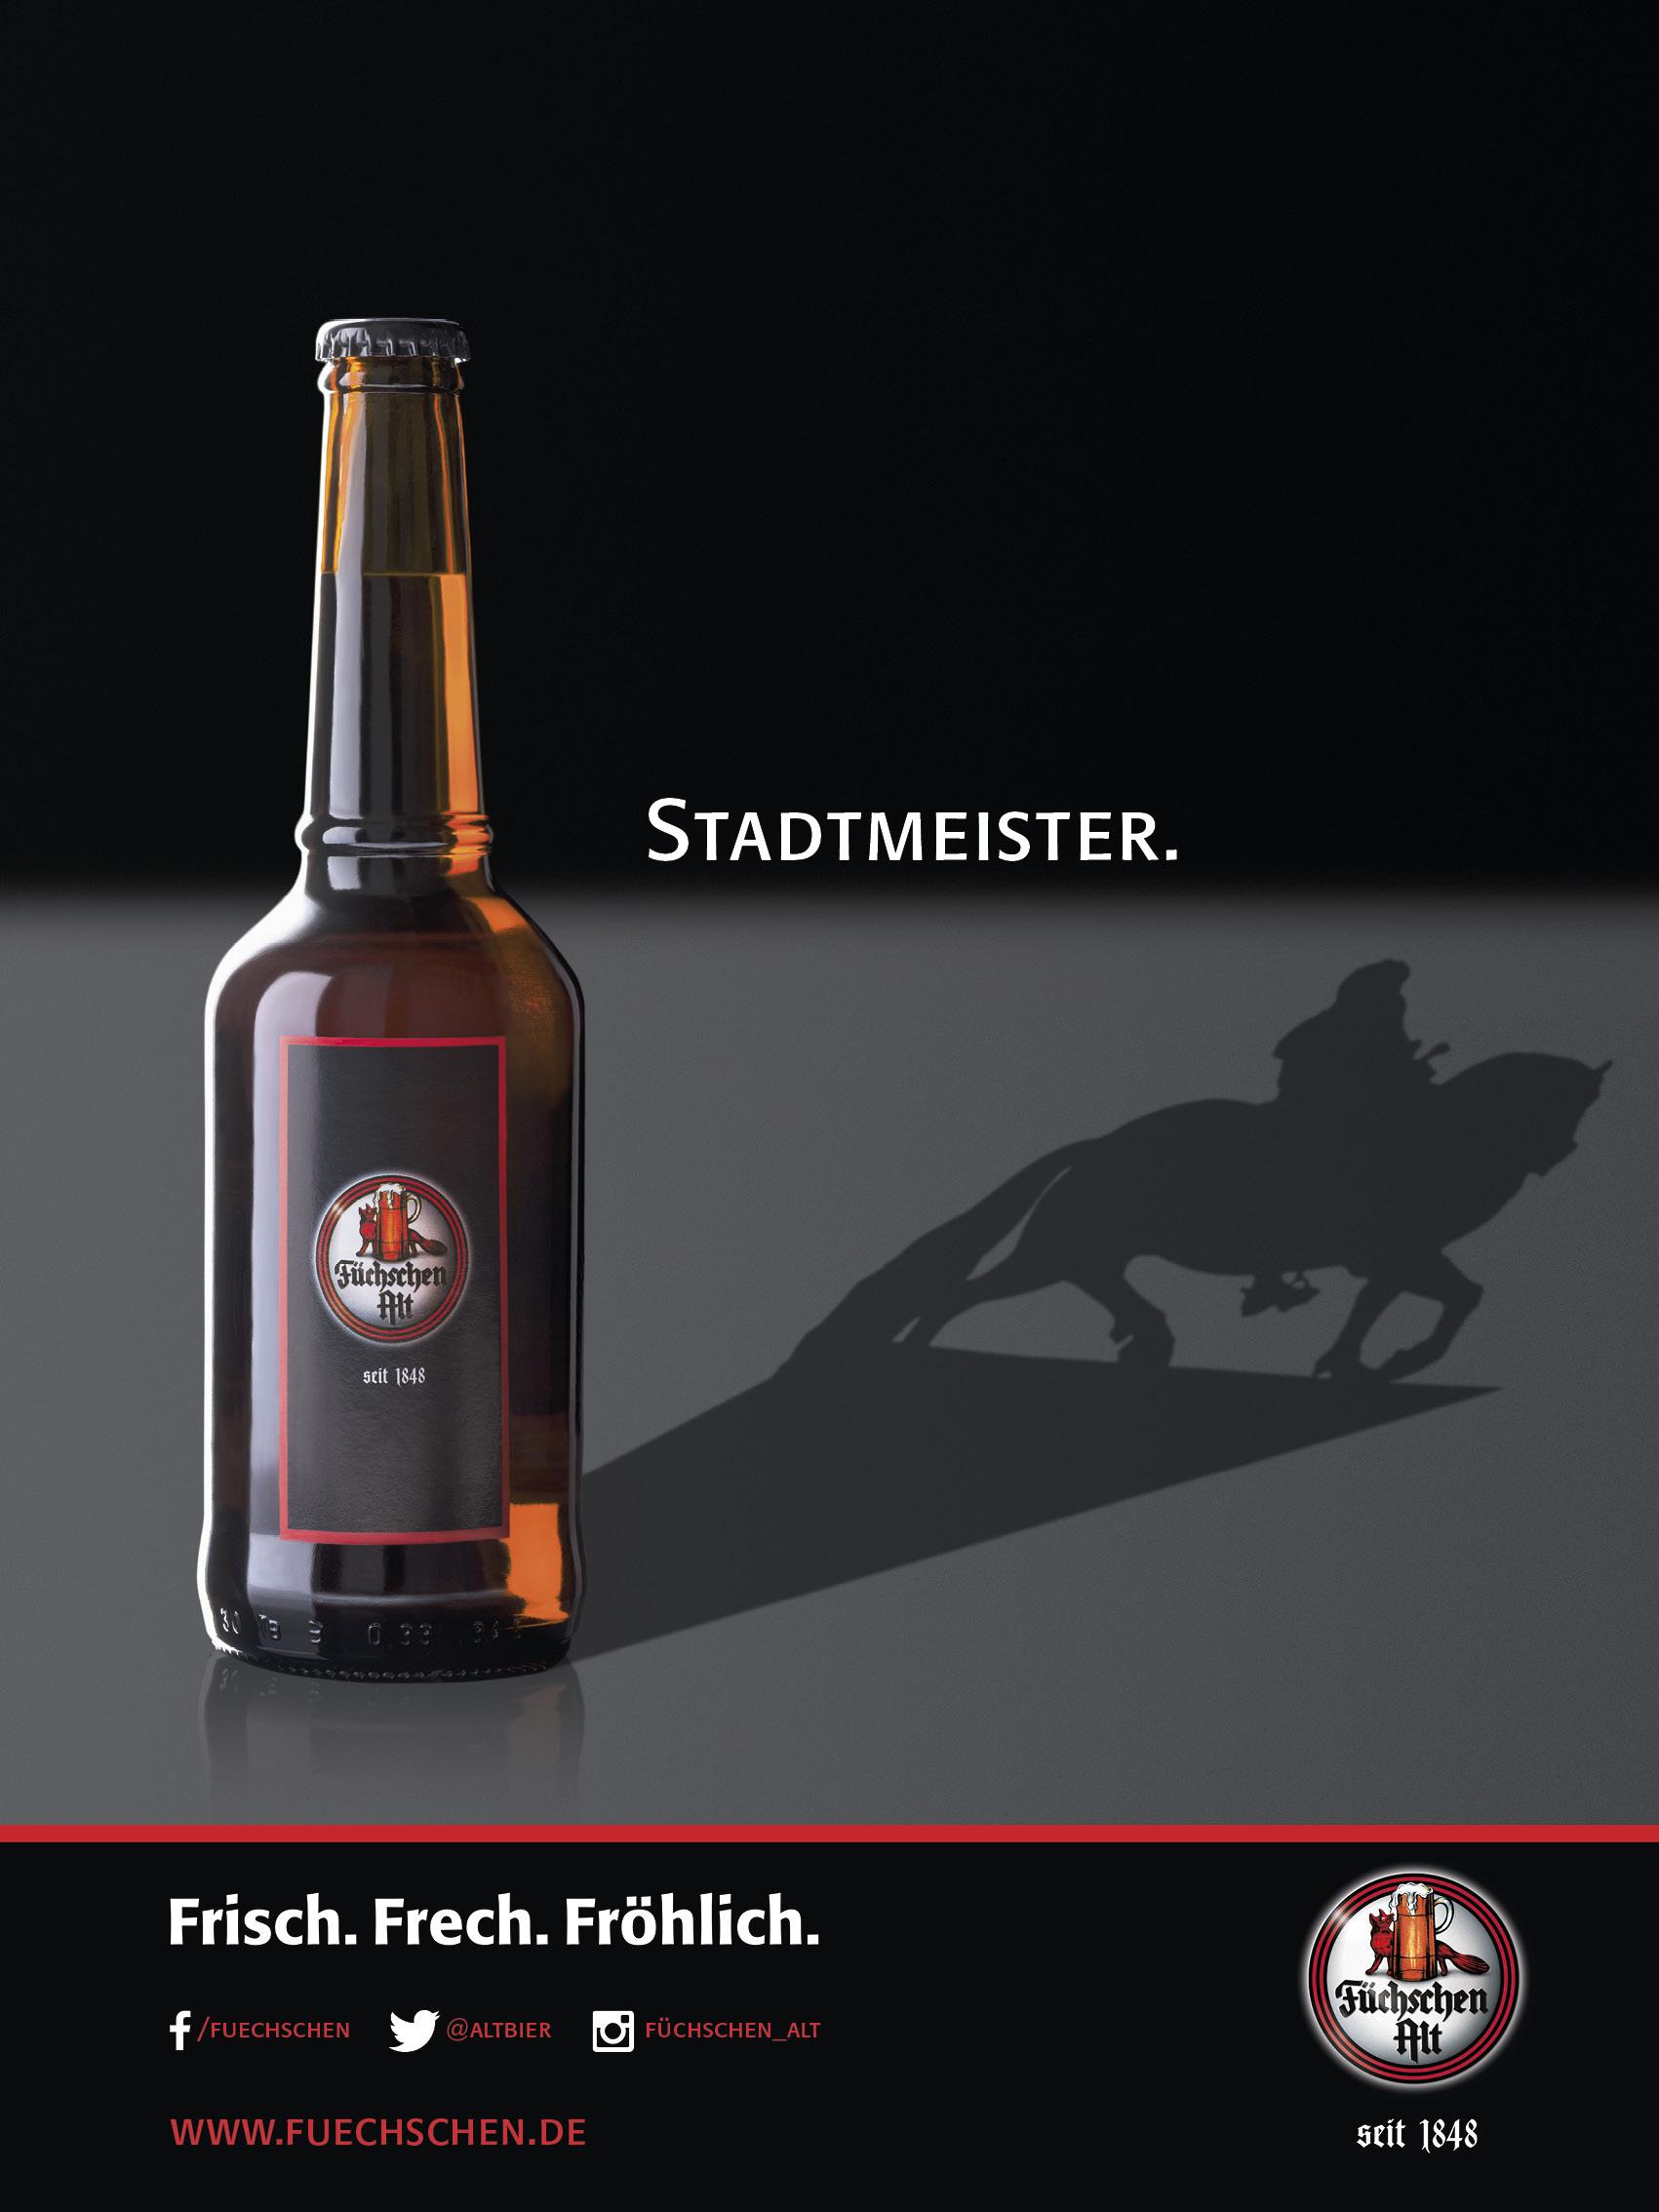 Fuechschen_Poster_JanWellem_60x80_Stadtmeister.jpg